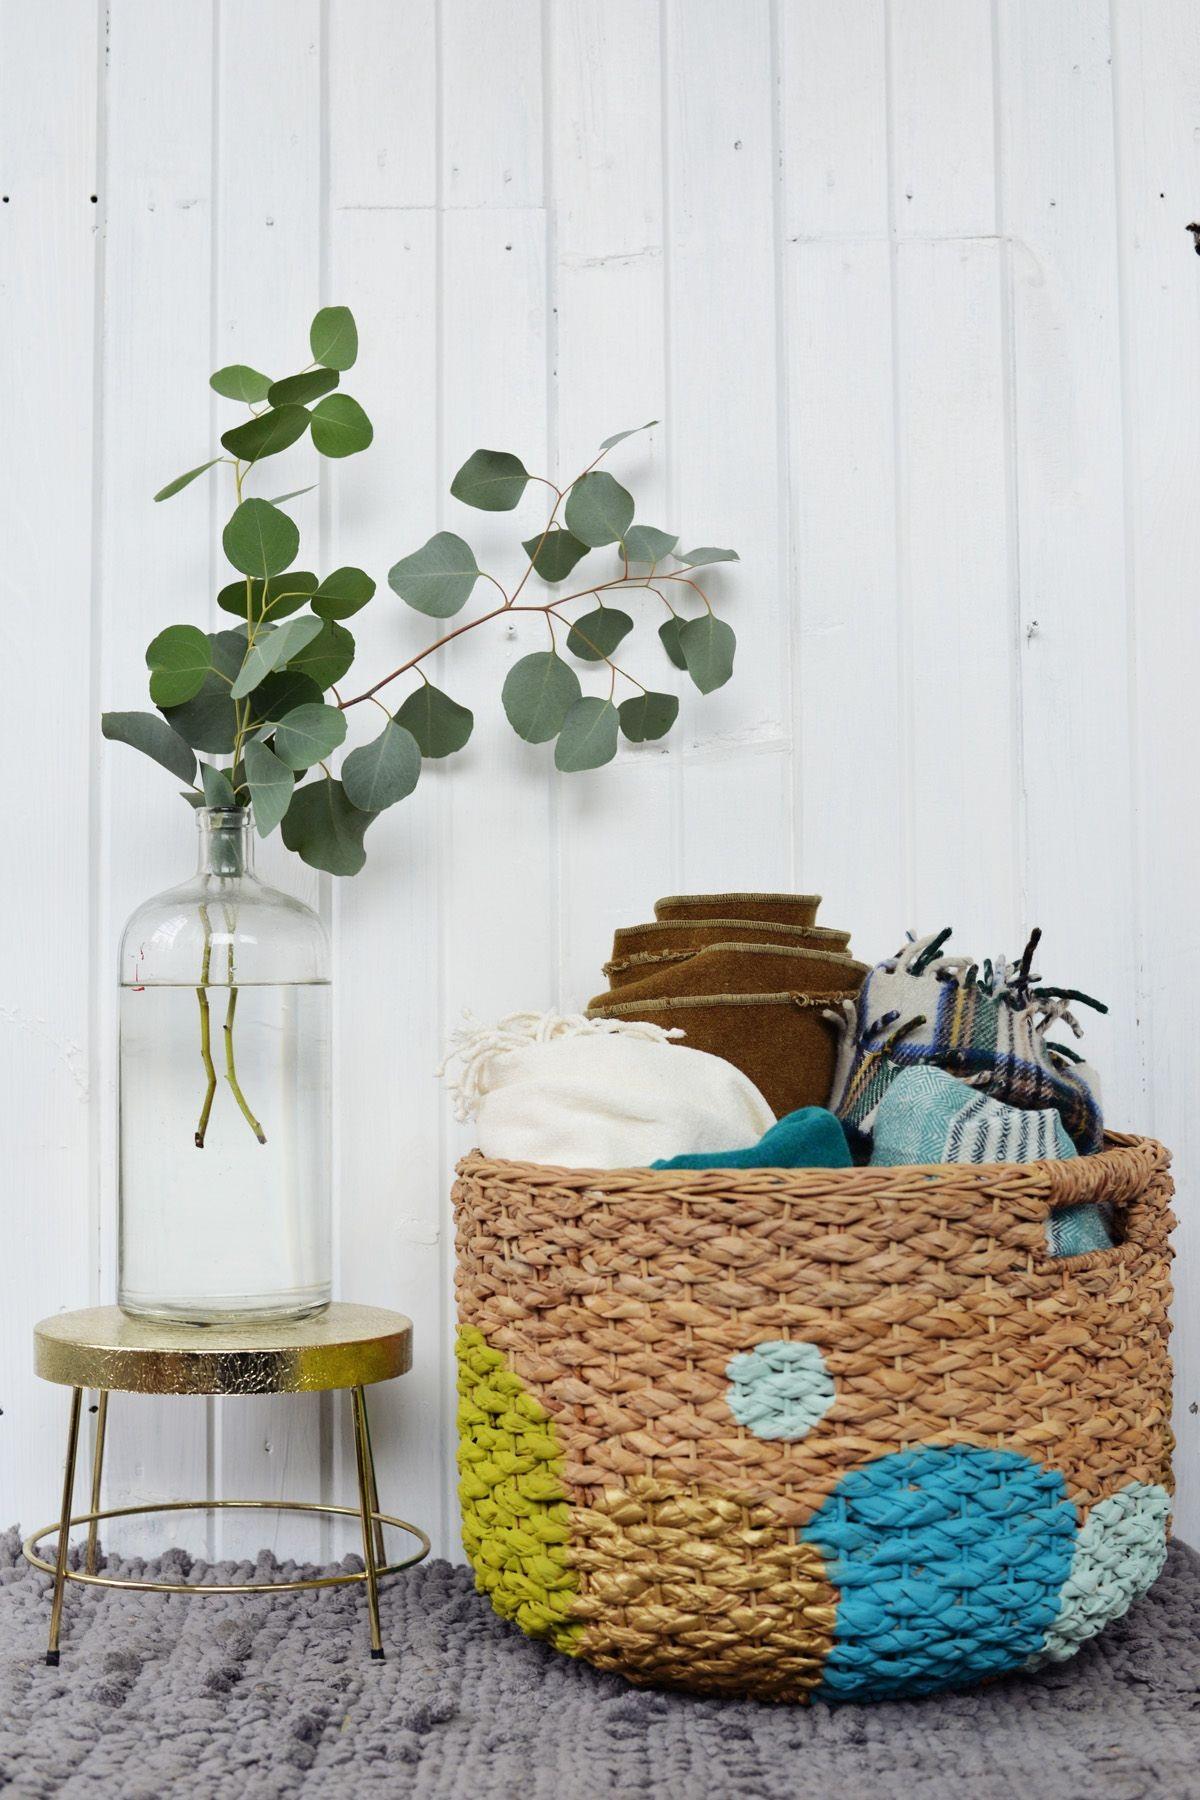 DIY Painted Basket